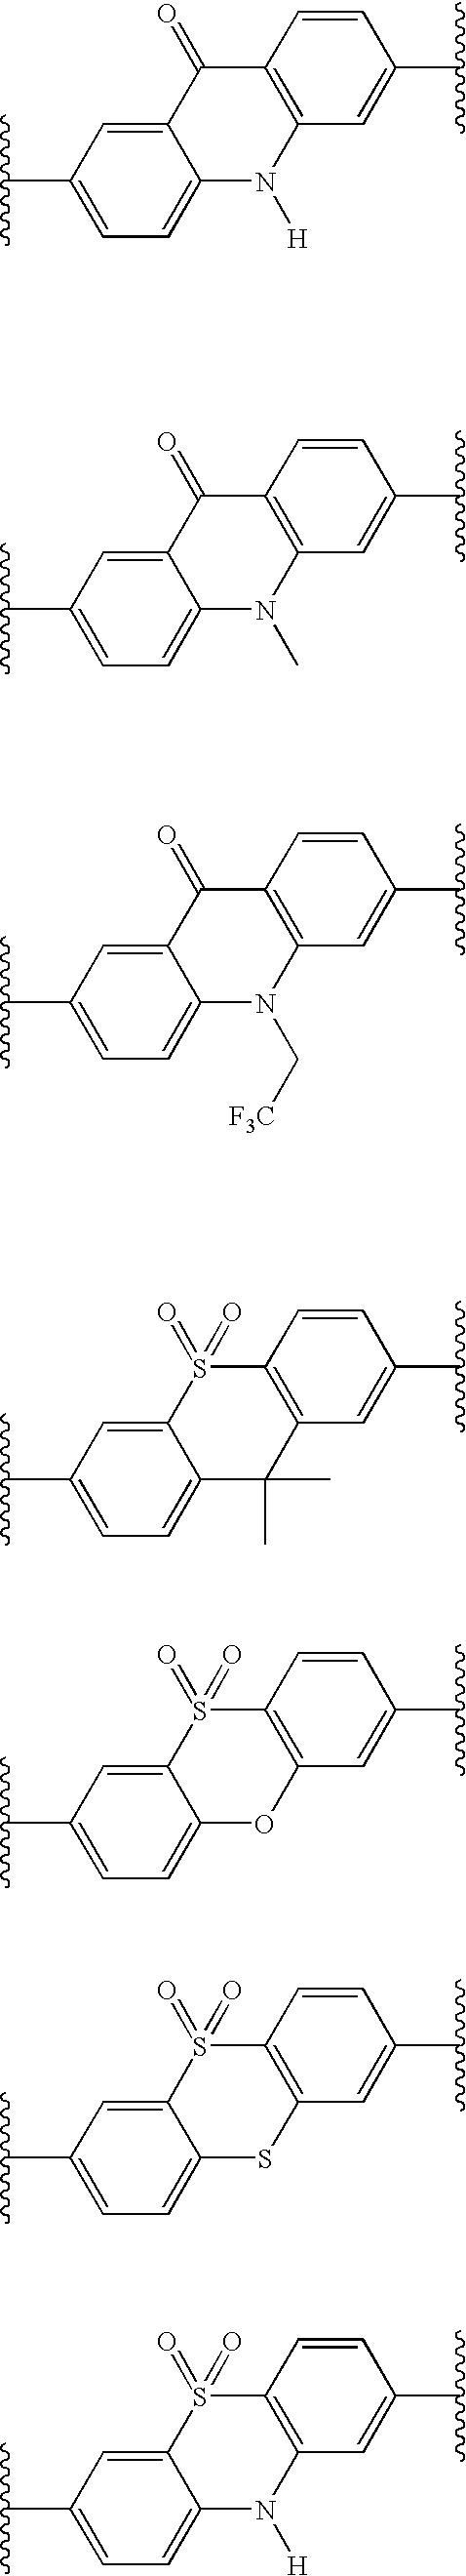 Figure US08088368-20120103-C00195